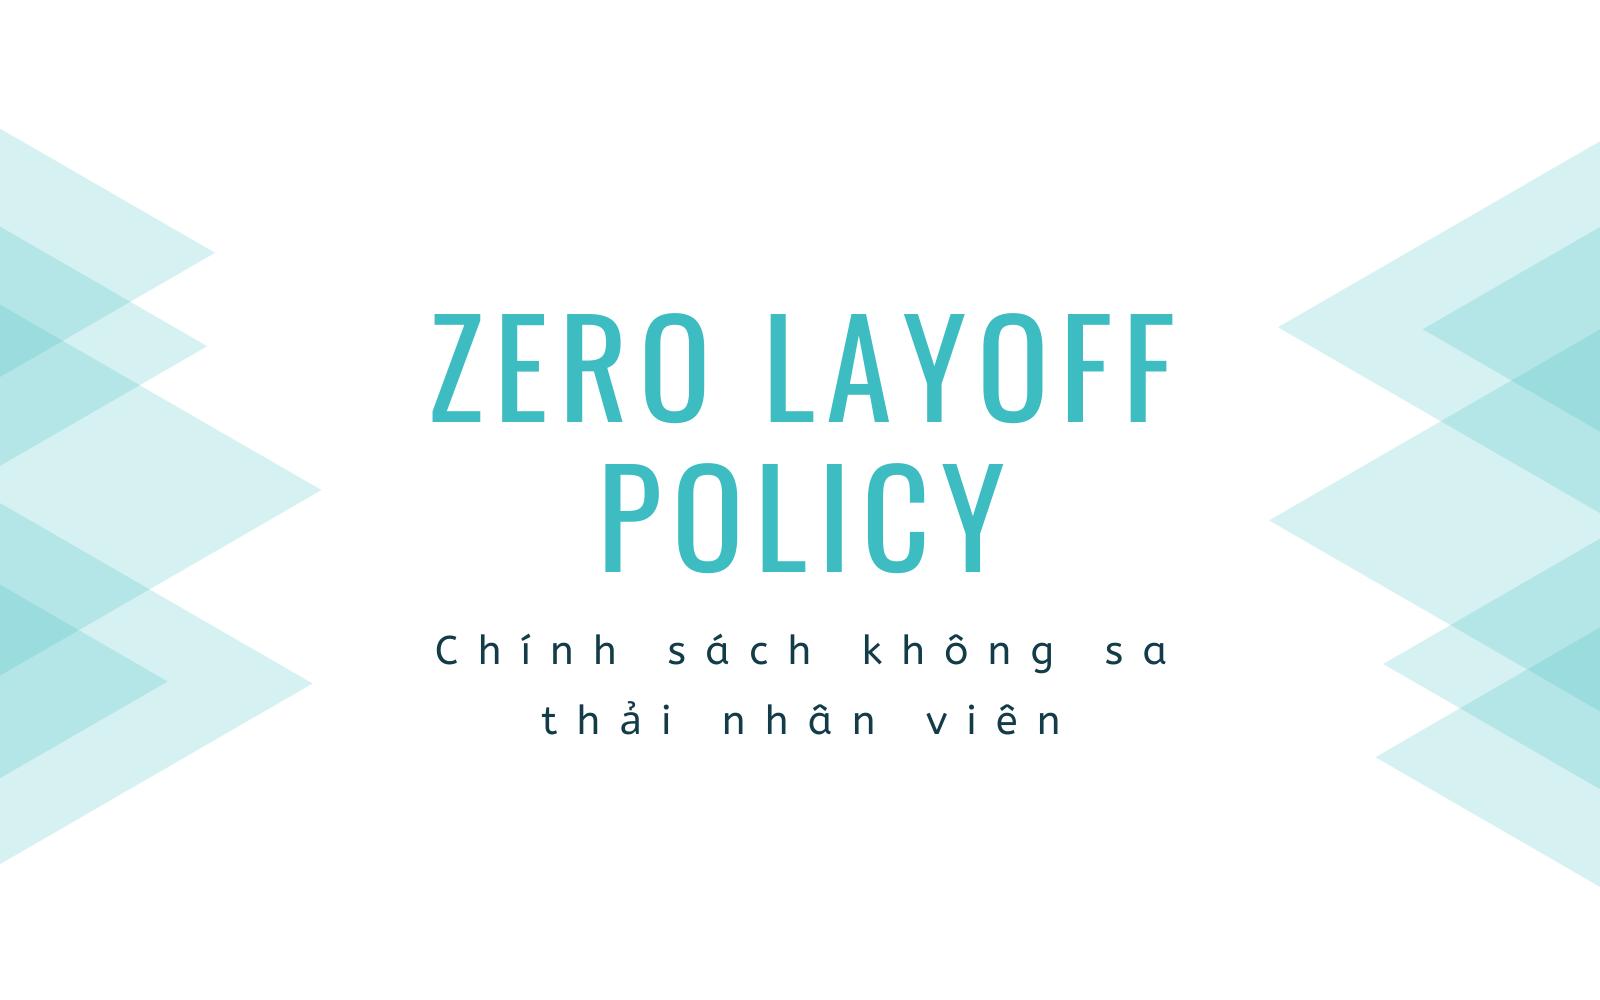 Chính sách không sa thải nhân viên (Zero Layoff Policy) là gì? - Ảnh 1.